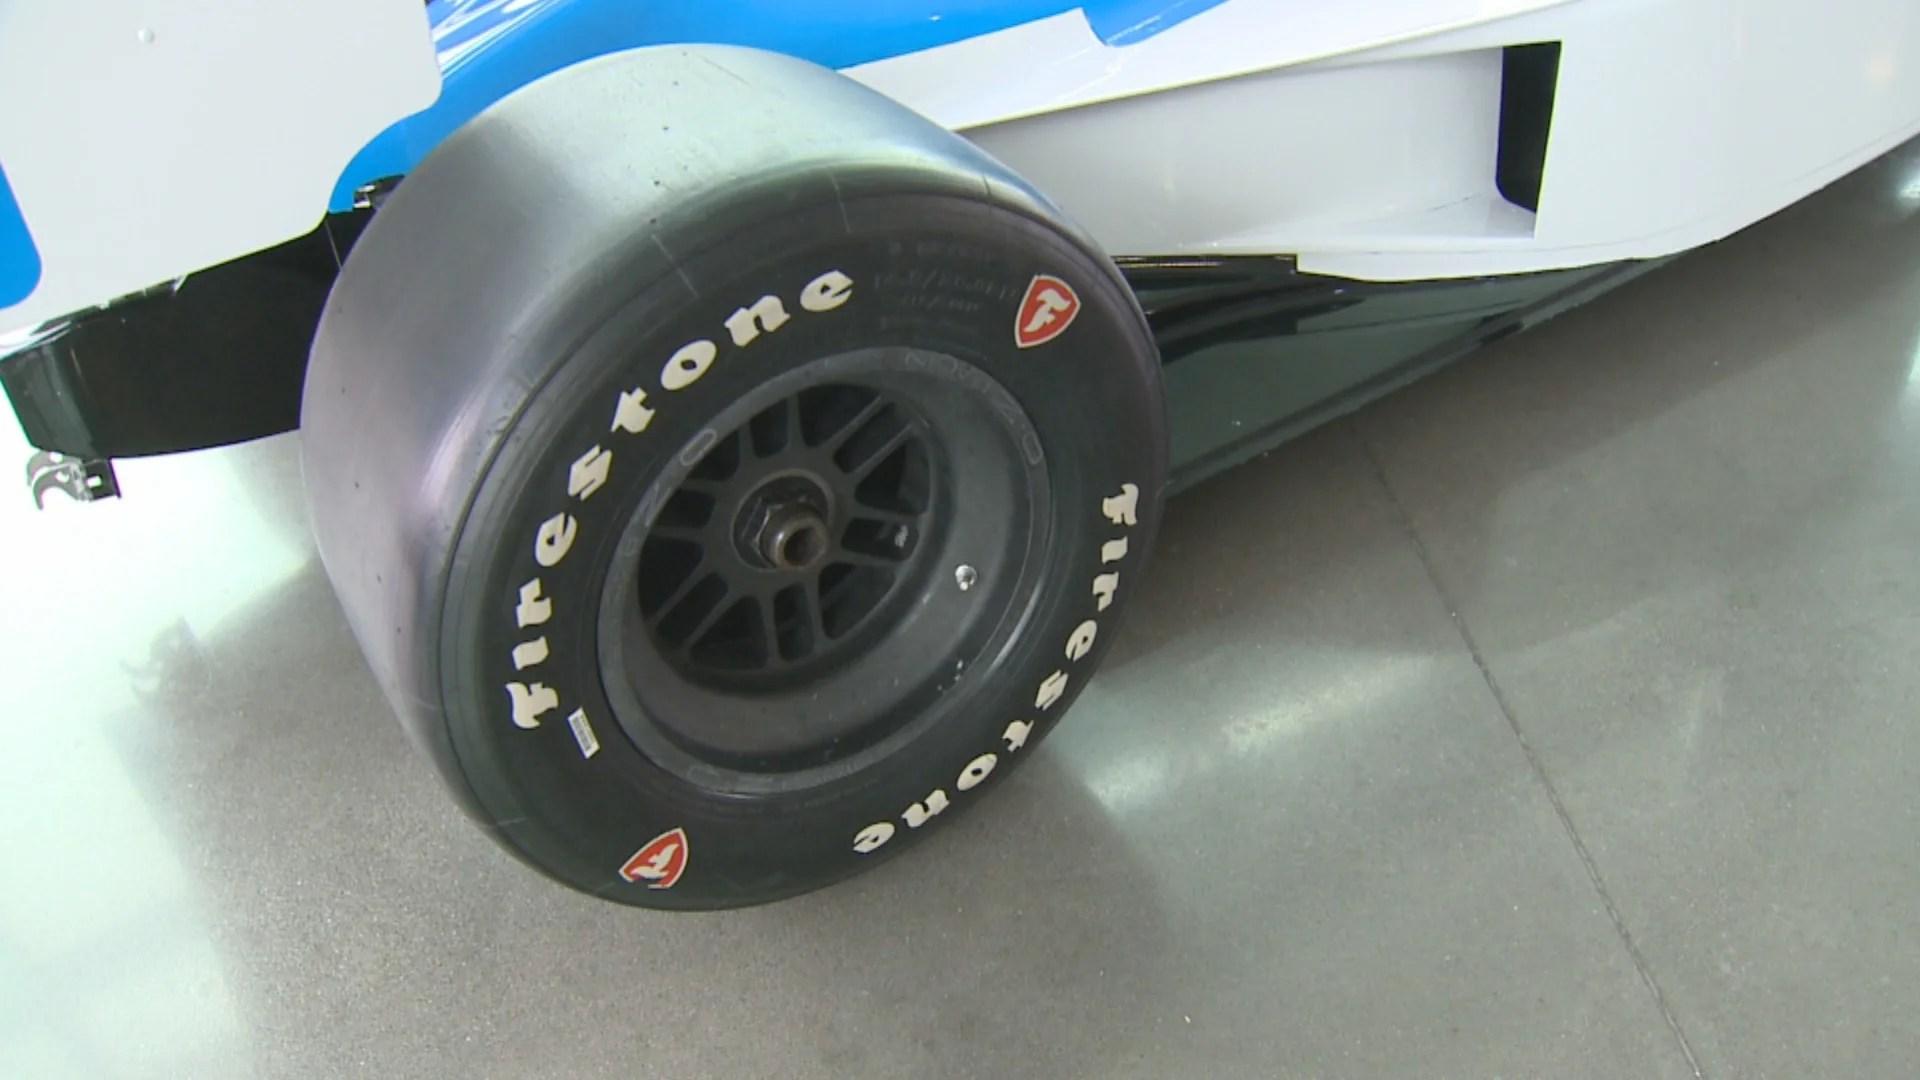 IndyCar, Firestone extend tire deal